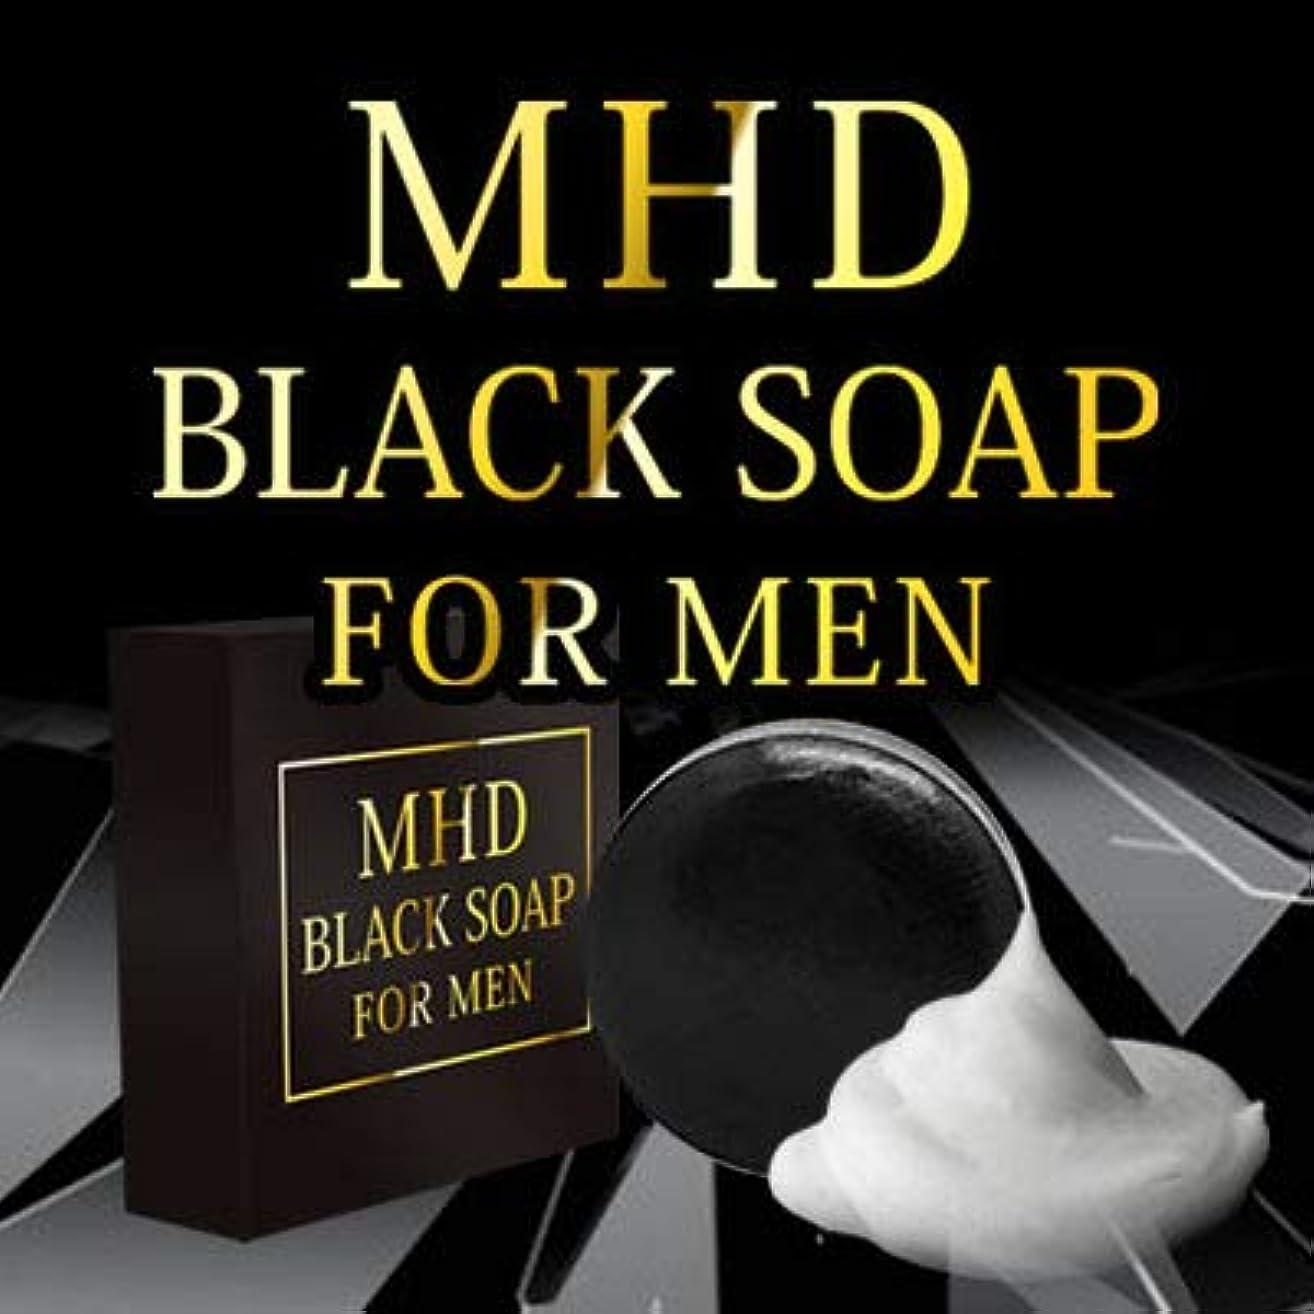 粗い結び目熱狂的なMHD石鹸(BLACK SOAP FOR MEN) メンズ用全身ソープ